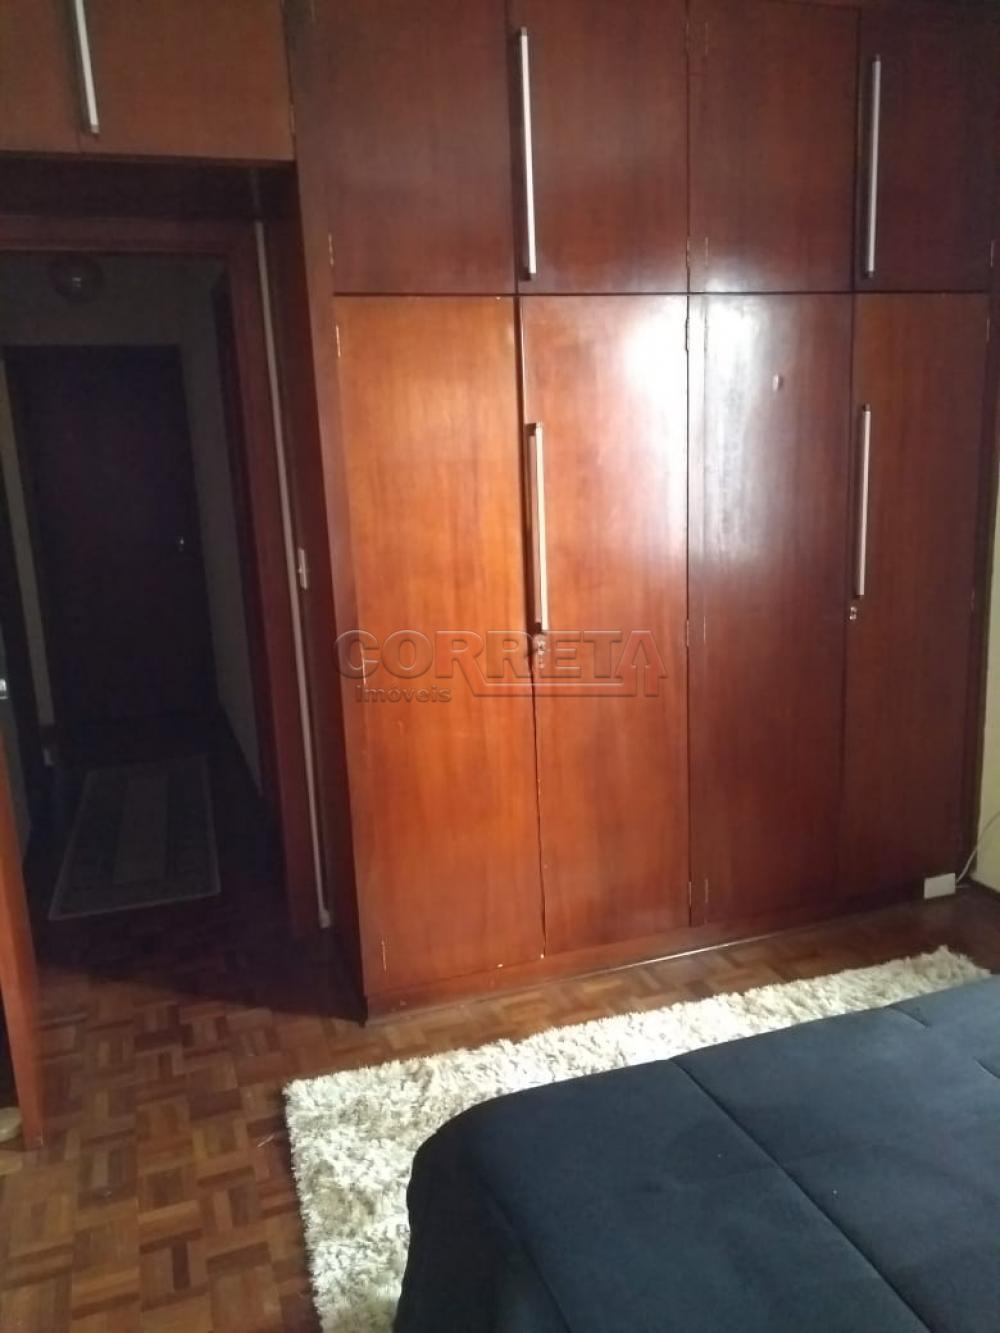 Comprar Apartamento / Padrão em Araçatuba apenas R$ 290.000,00 - Foto 3